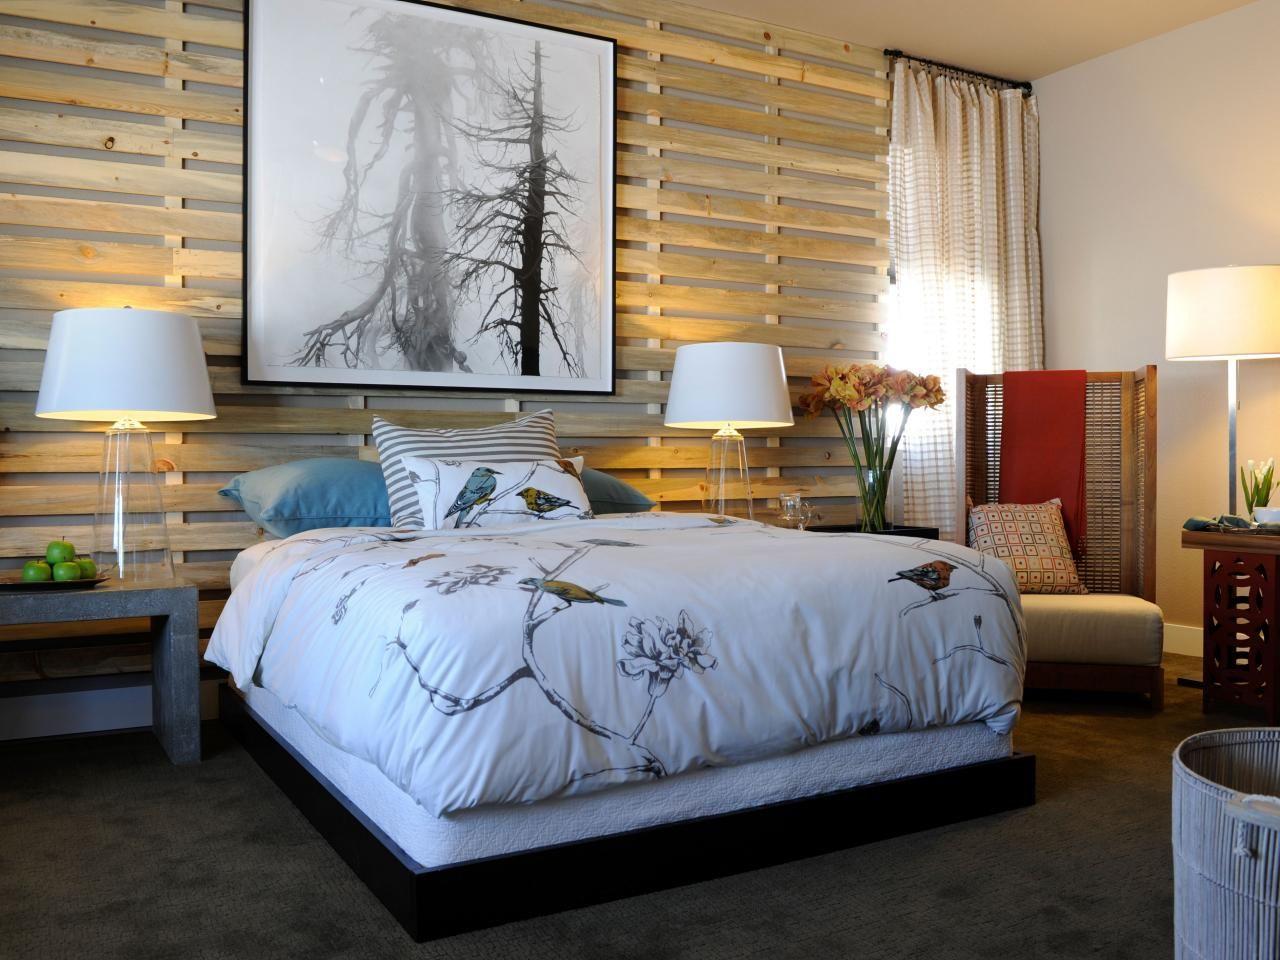 Bedroom Designs On A Budget Budget Bedroom Designs  Master Bedroom Nightstands And Bedrooms